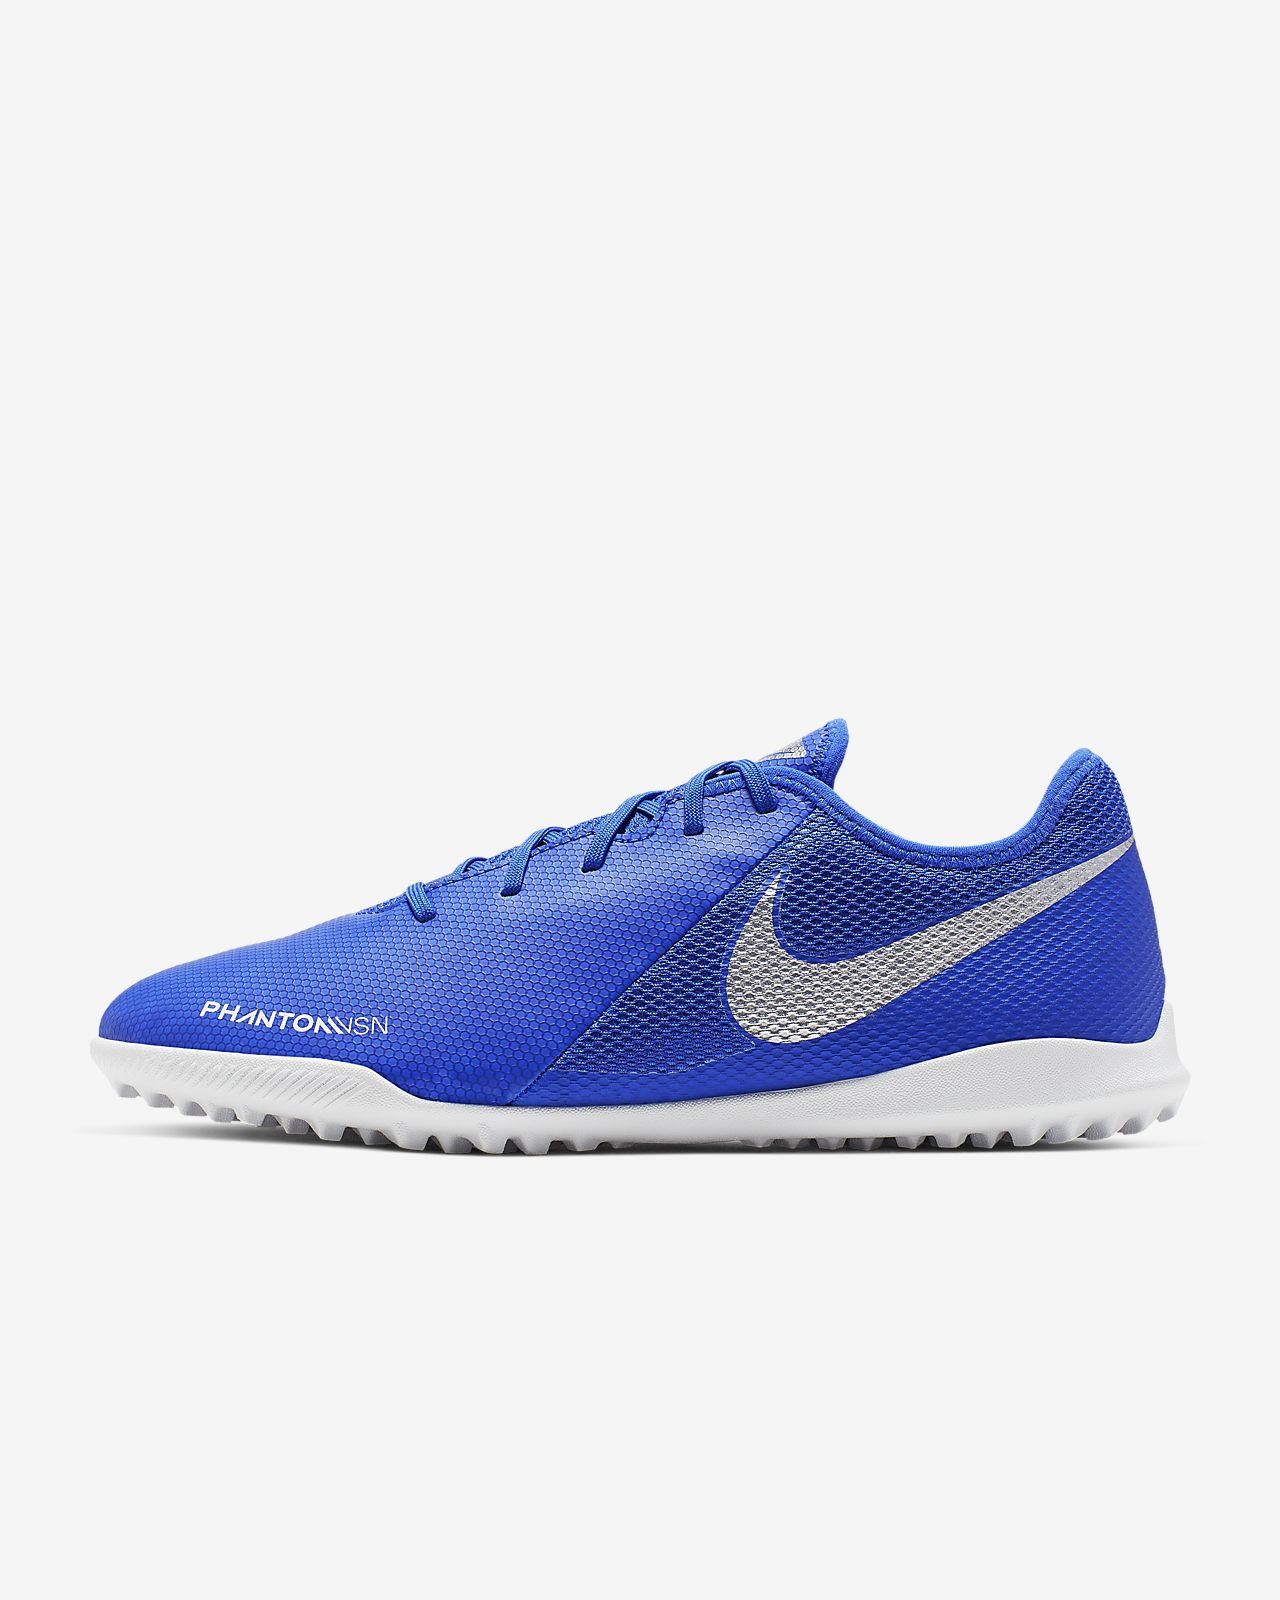 12516bd1 ... Nike Phantom Vision Academy Botas de fútbol para moqueta artificial -  Turf